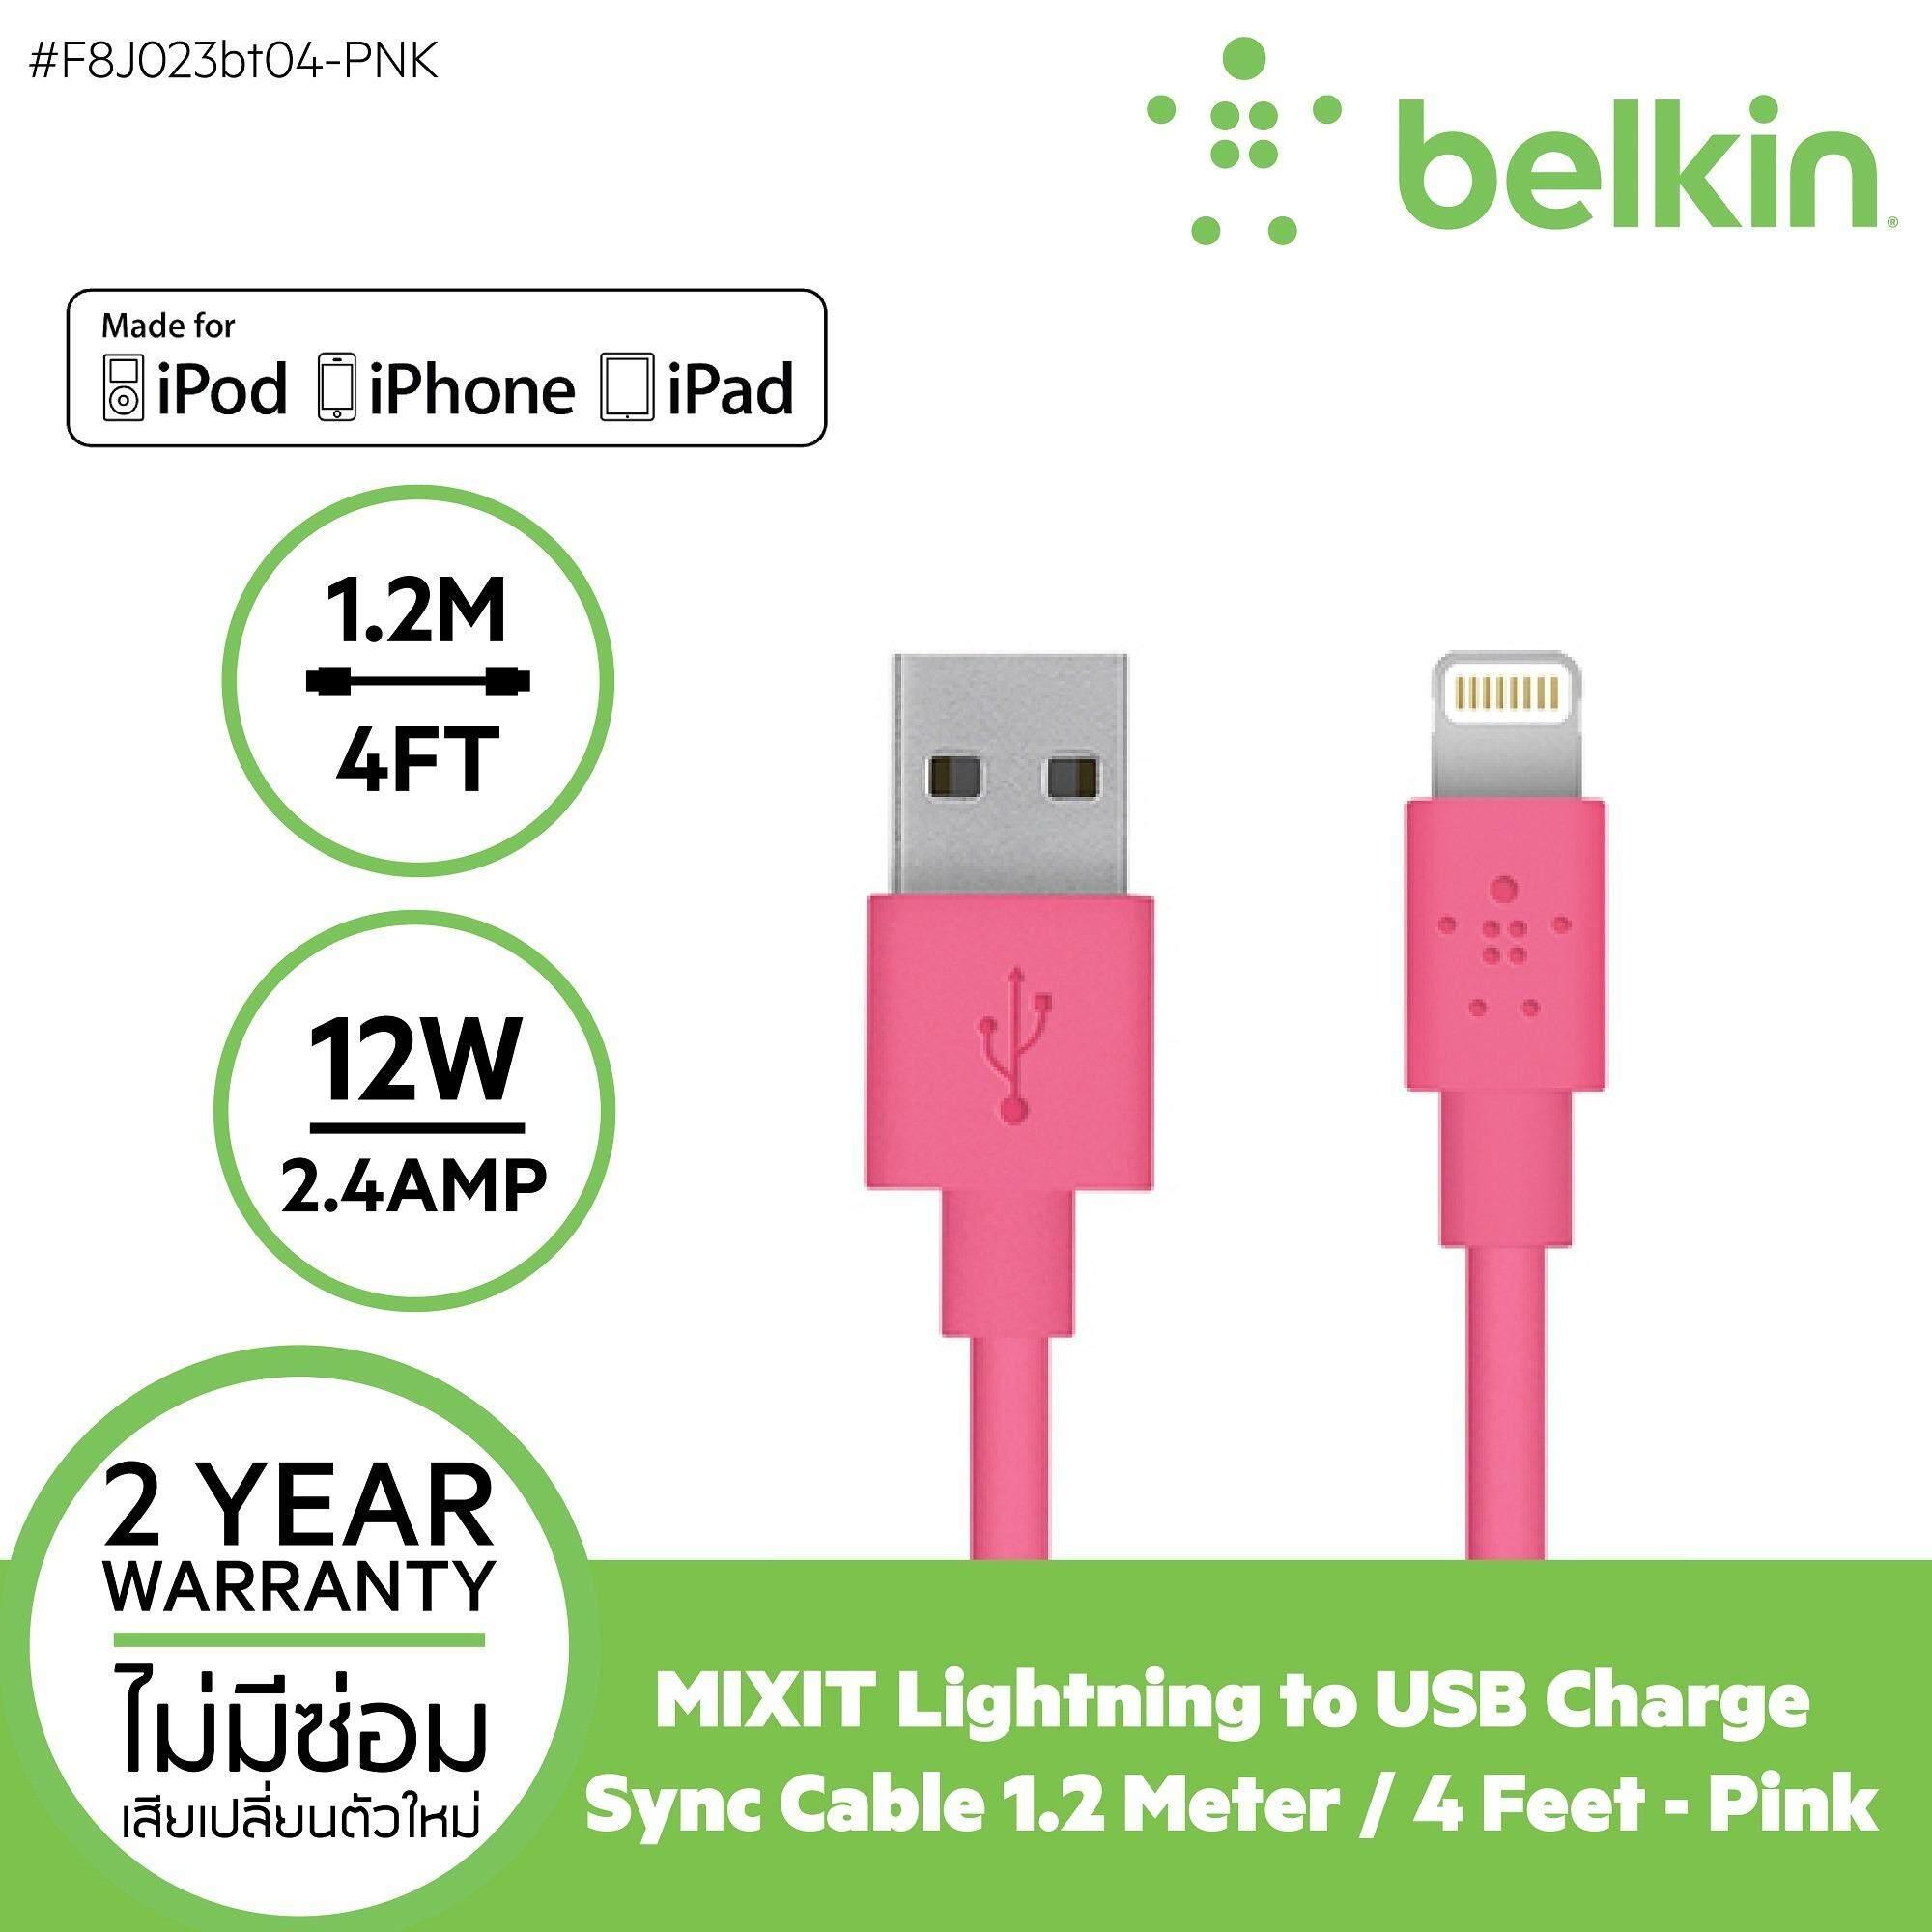 ราคา Belkin สายชาร์จไอโฟน ไอแพด 1 2 เมตร เบลคิน รุ่น Belkin Lightning Chargesync Cable F8J023Bt04 Pnk Belkin